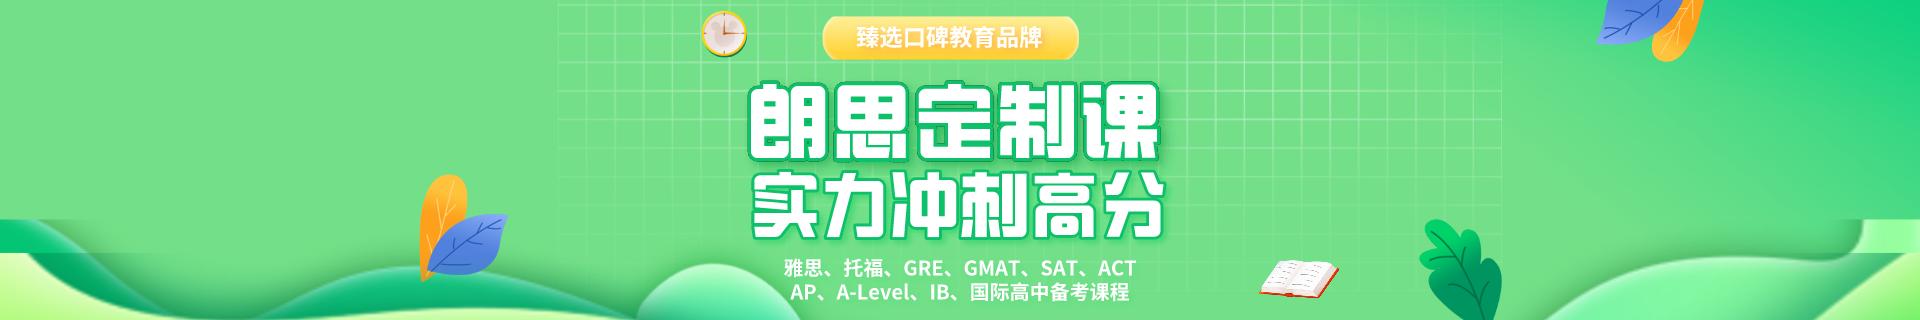 杭州江干区朗思教育机构